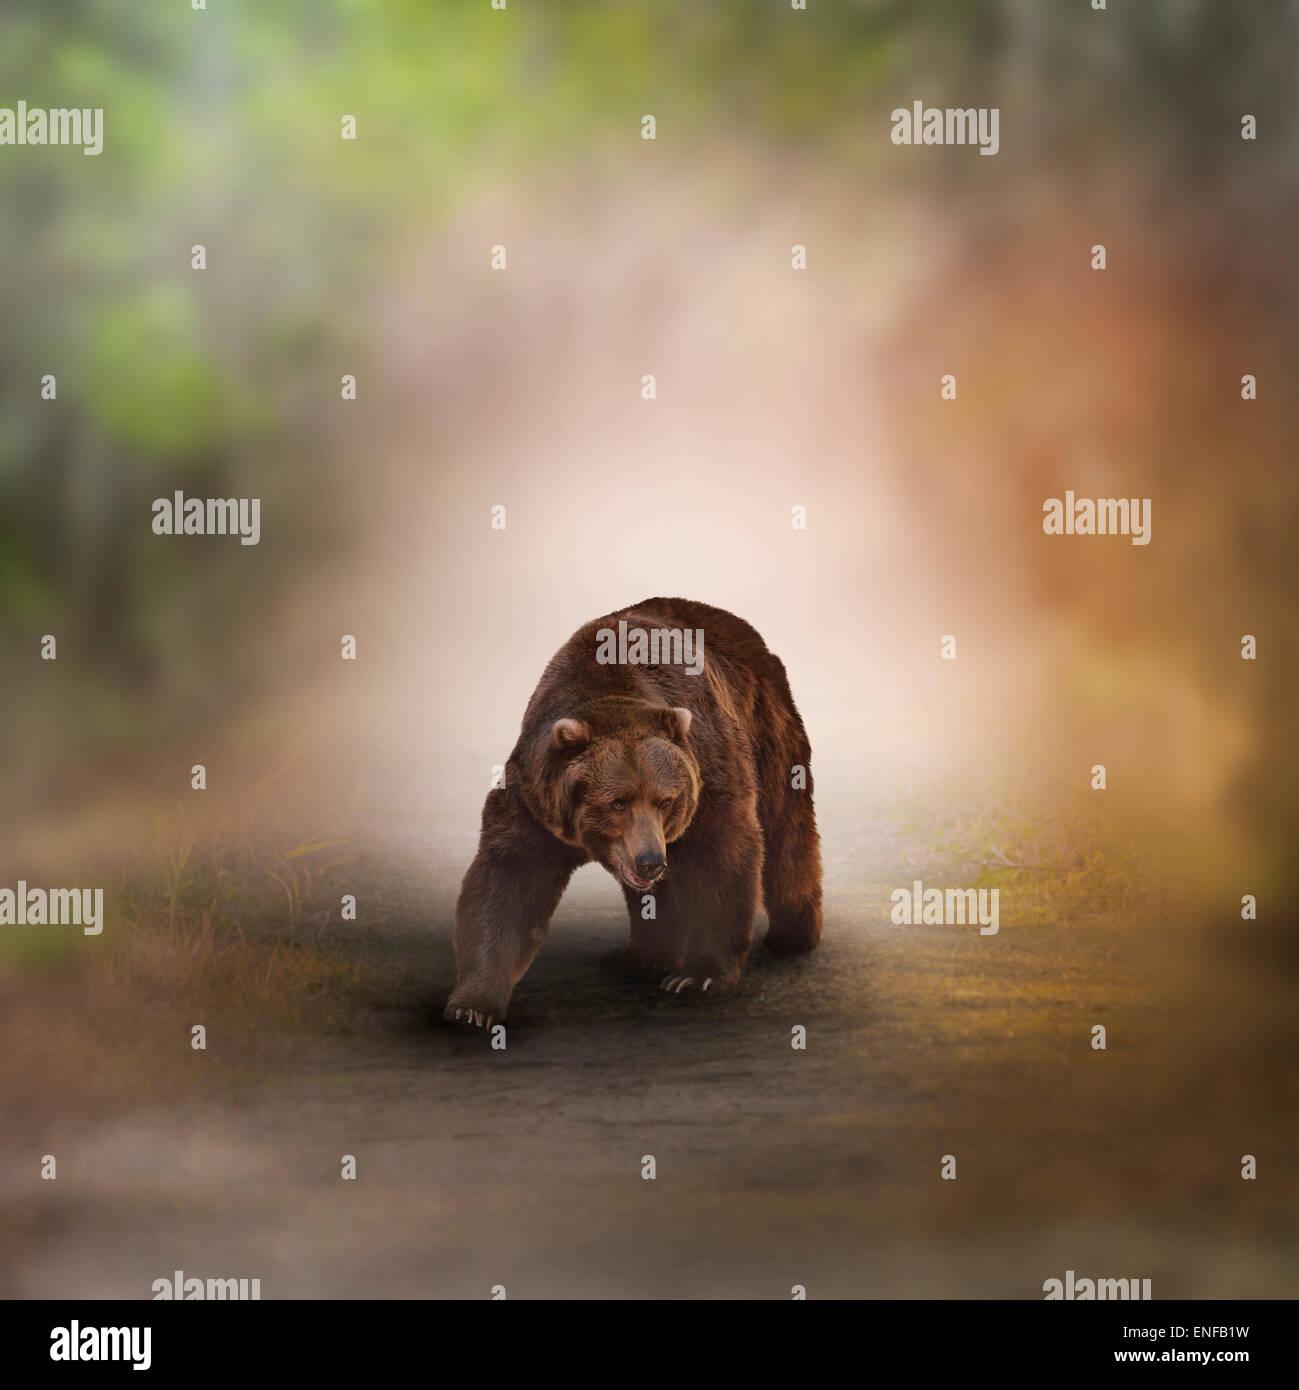 Orso grizzly camminando in un legno Immagini Stock